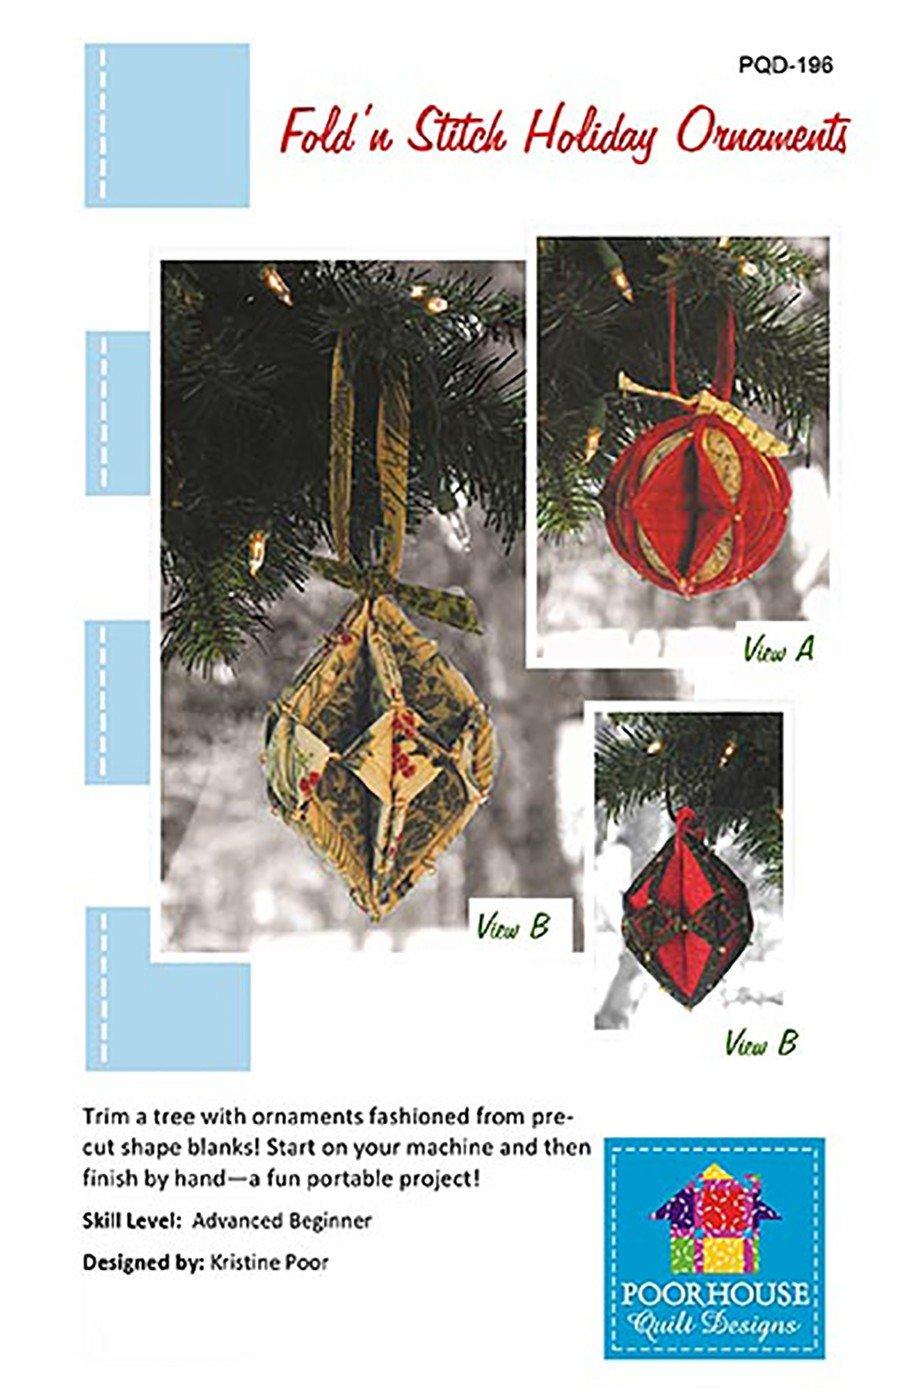 Fold n Stitch Holiday Ornaments